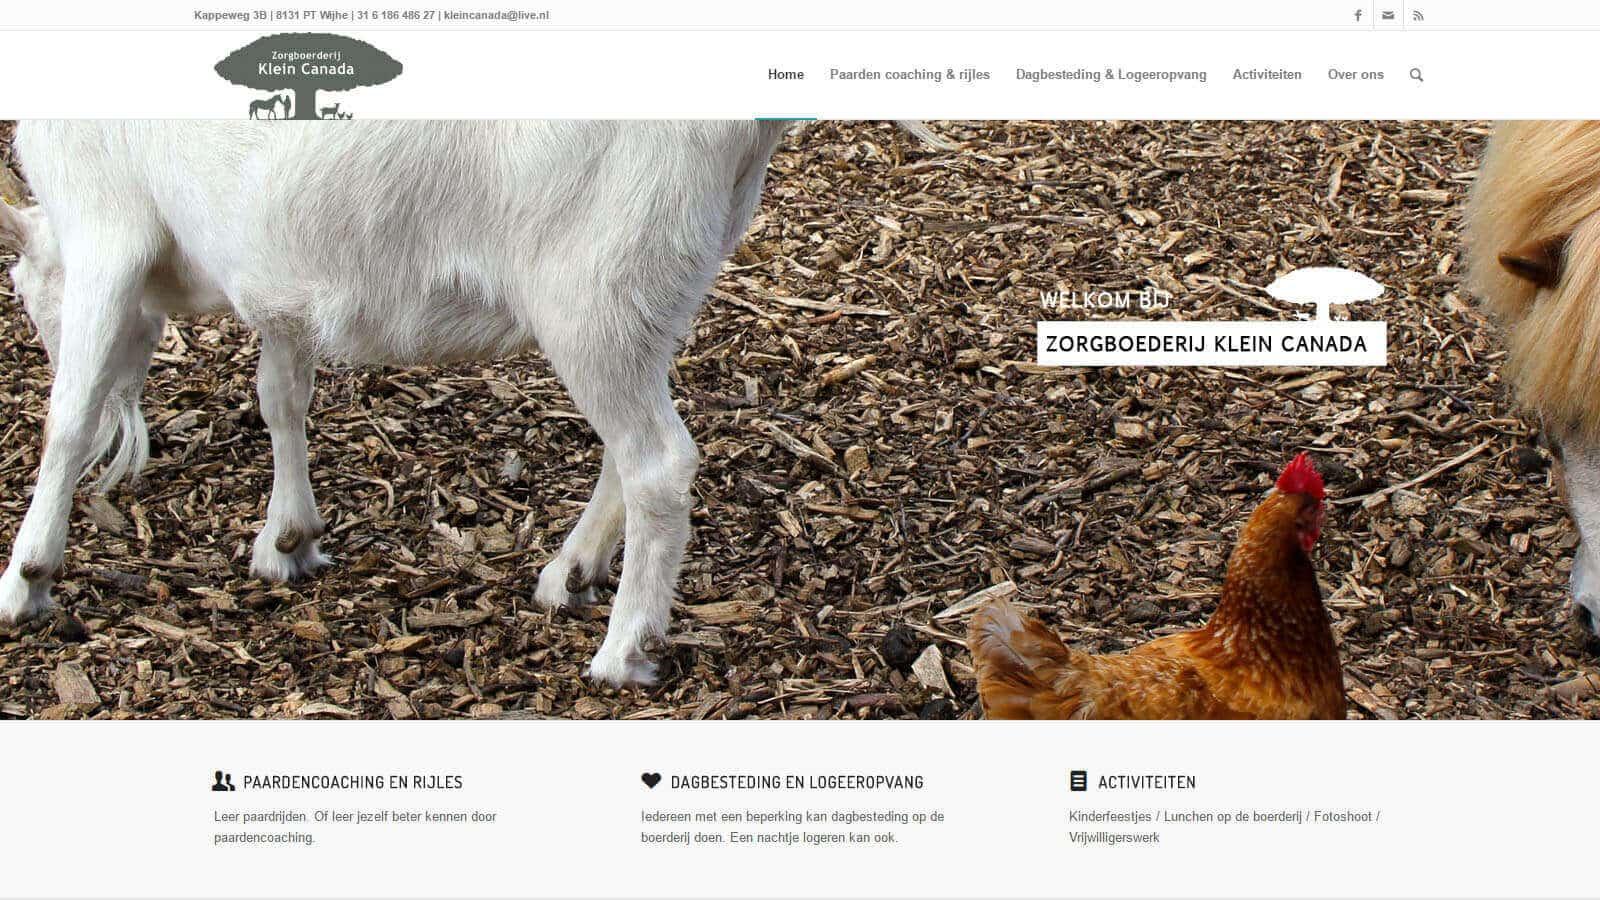 zorgboerderij klein canada website  - zorgboerderij - Websites